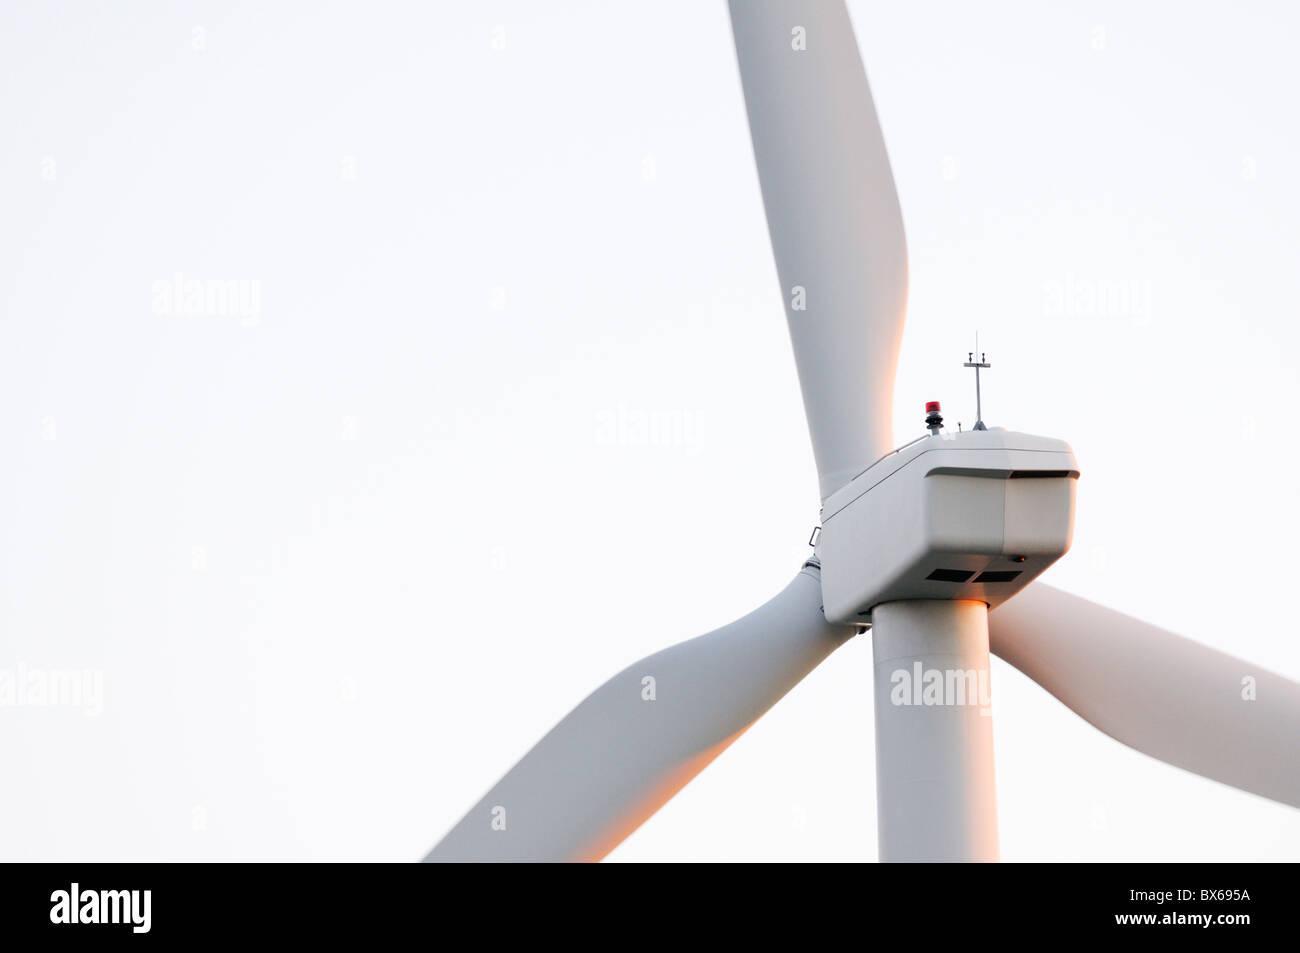 Turbina eolica close-up Immagini Stock